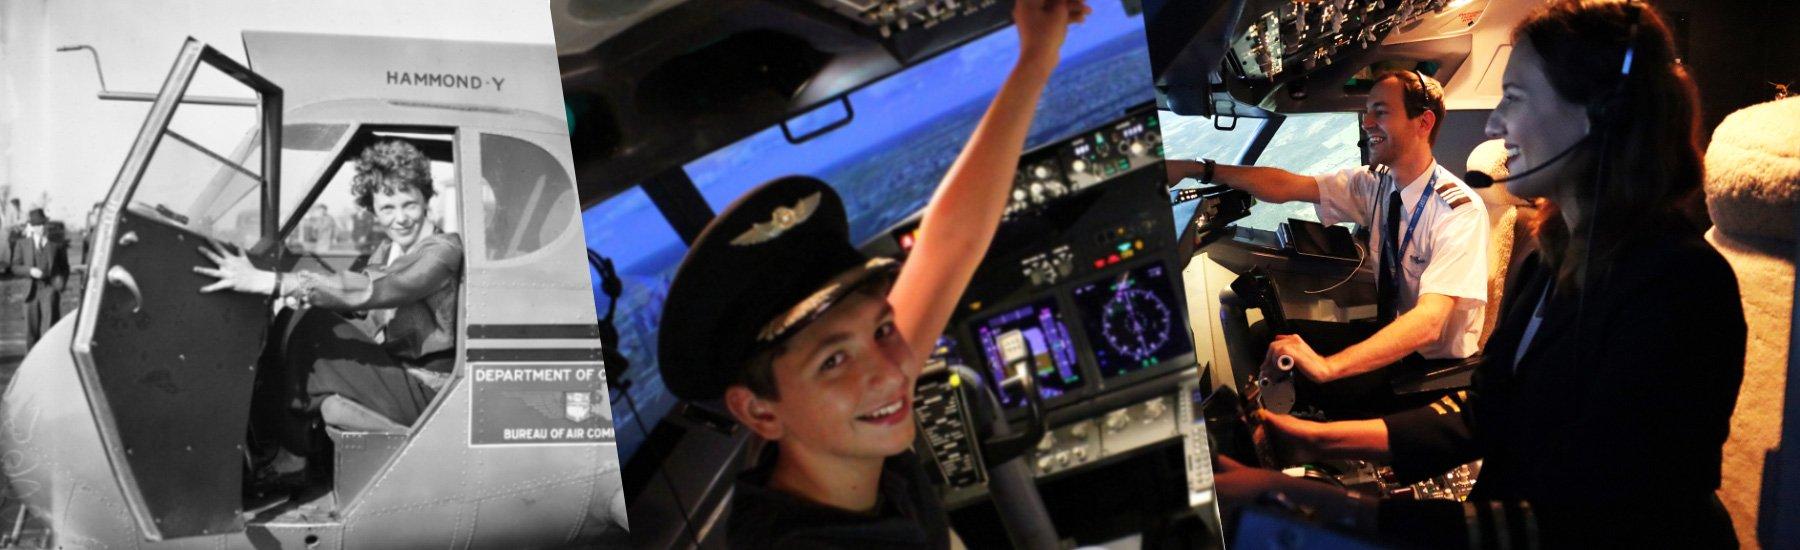 Amelia Earhart Day & Aspiring Pilots